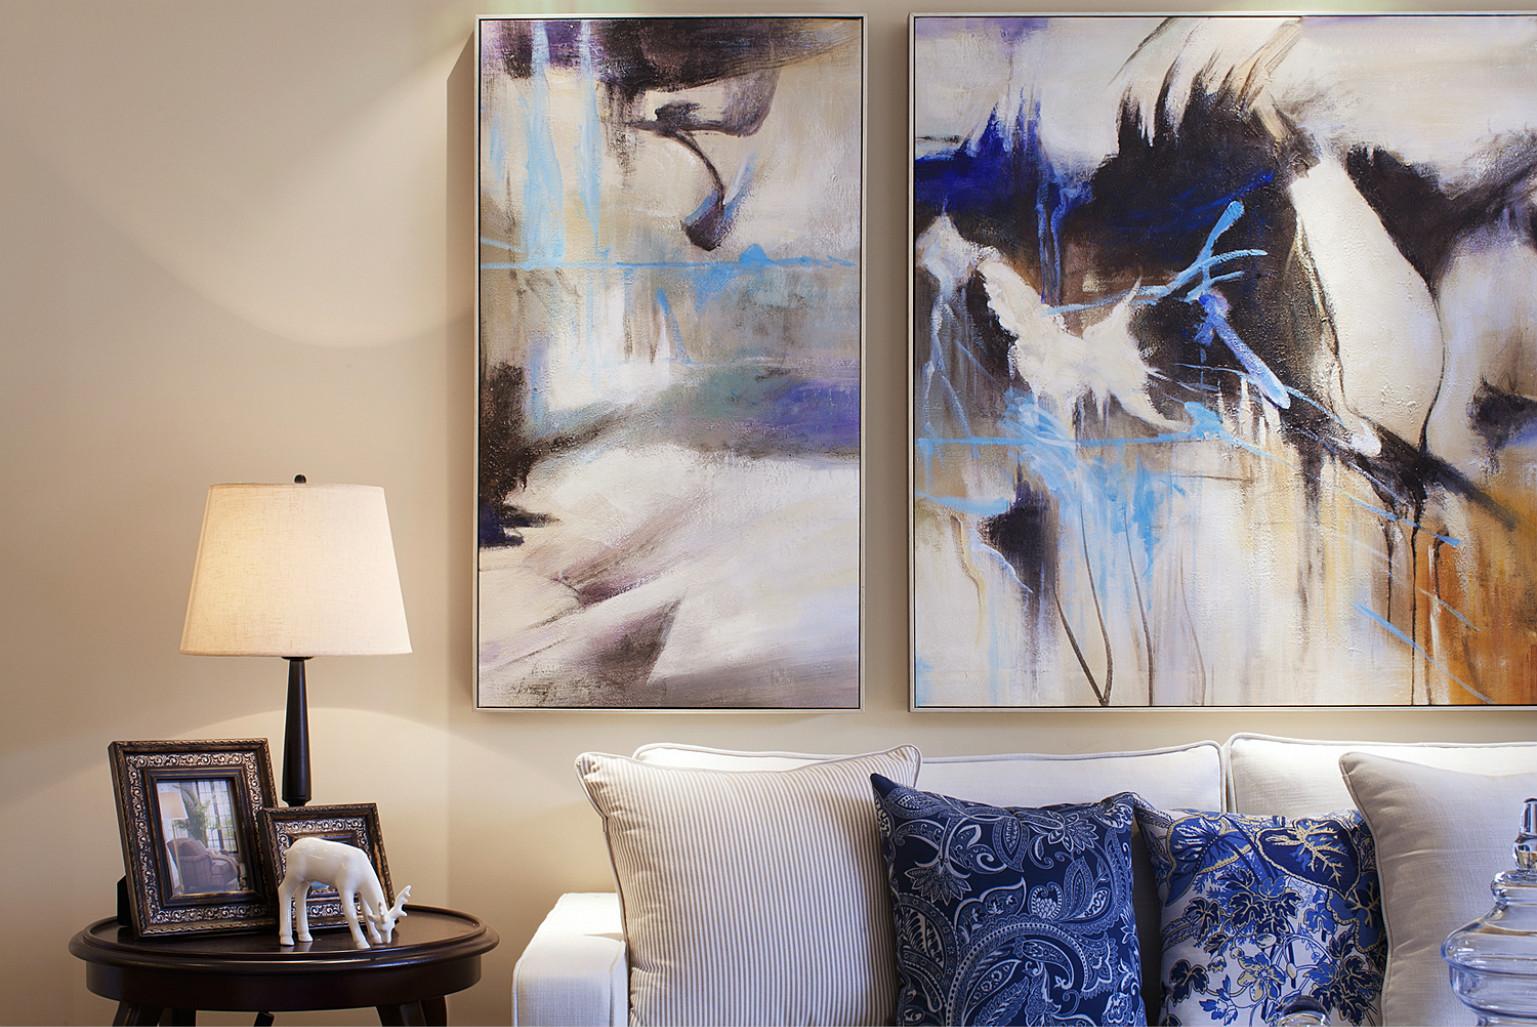 客厅背景墙的画,更是突出了整个客厅的简约大气